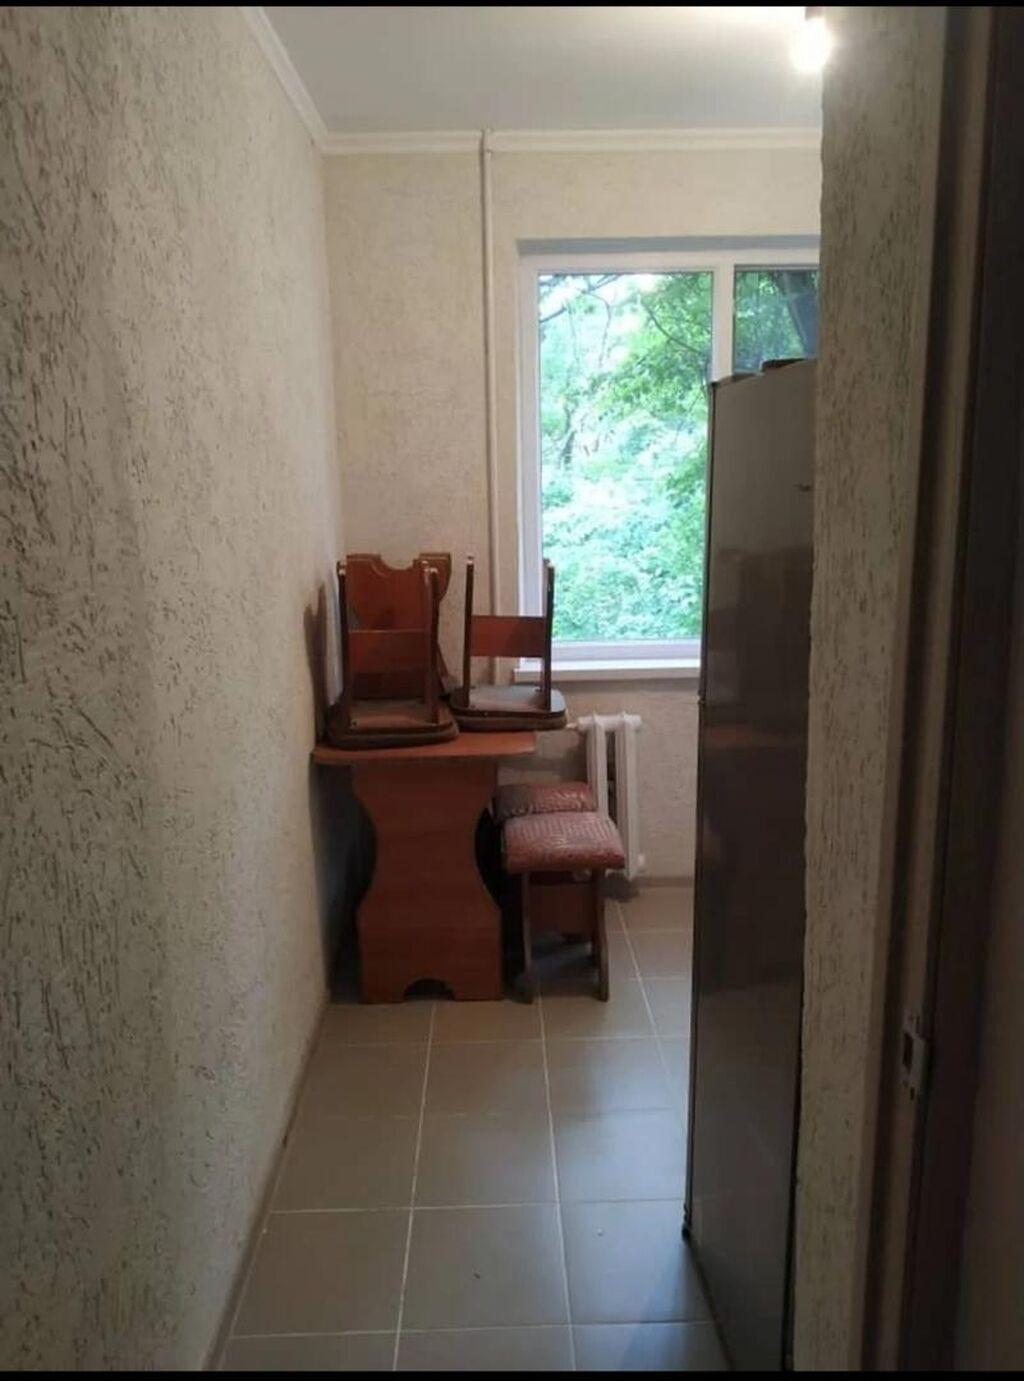 Сдаётся 2 ком кв.4 мкрЭтаж: 2 из 42 комнатная квартира в хорошем: Сдаётся 2 ком кв.4 мкрЭтаж: 2 из 42 комнатная квартира в хорошем